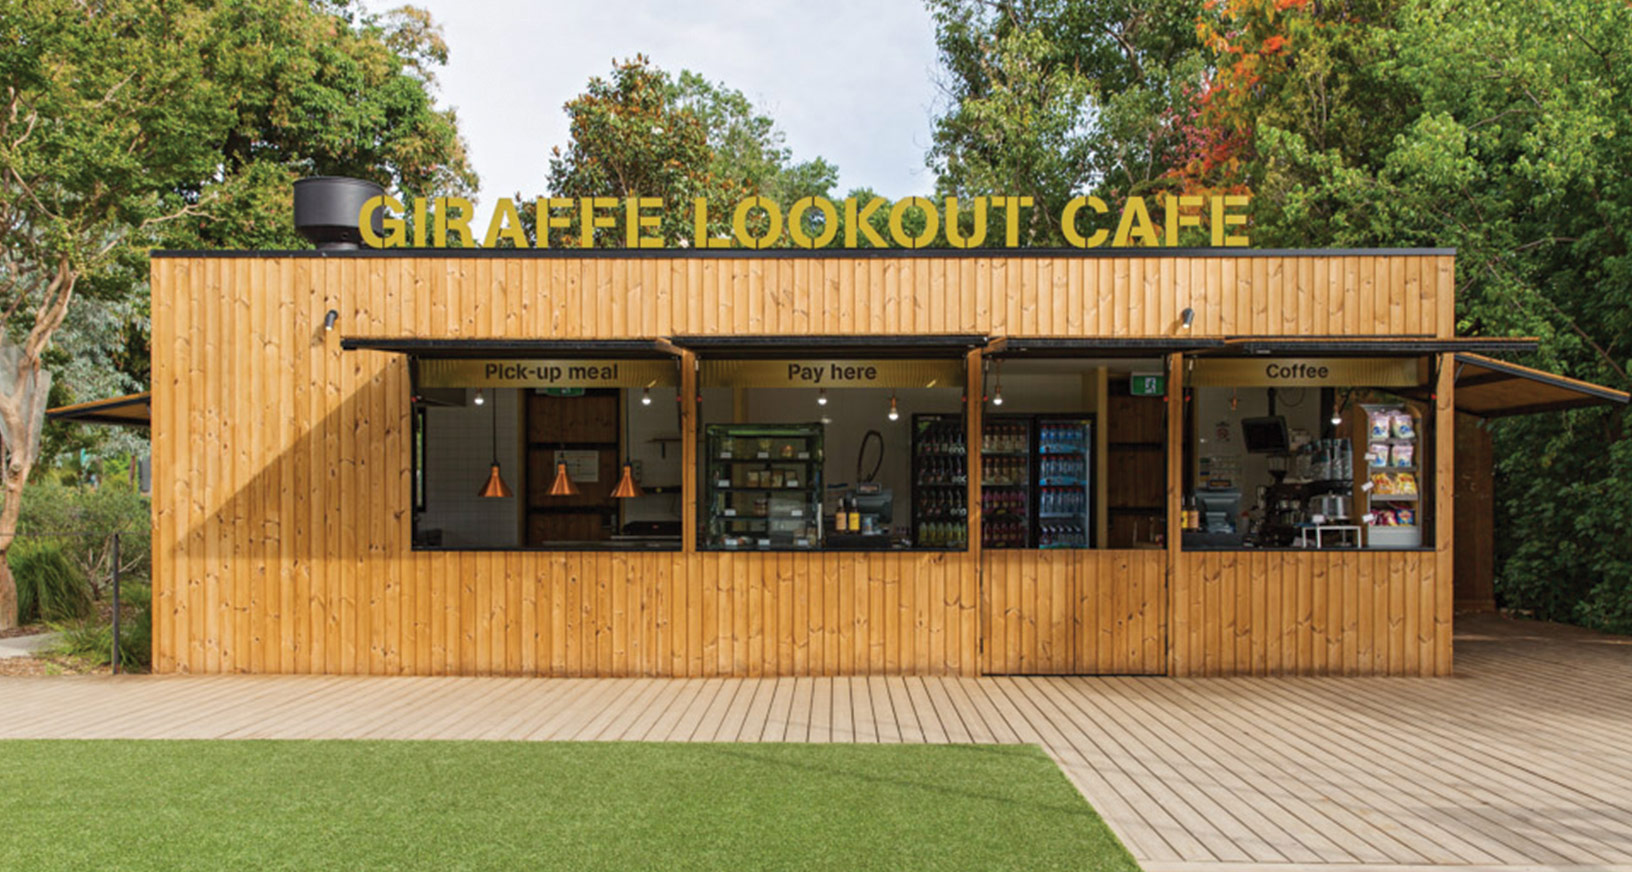 Giraffe Café Lookout